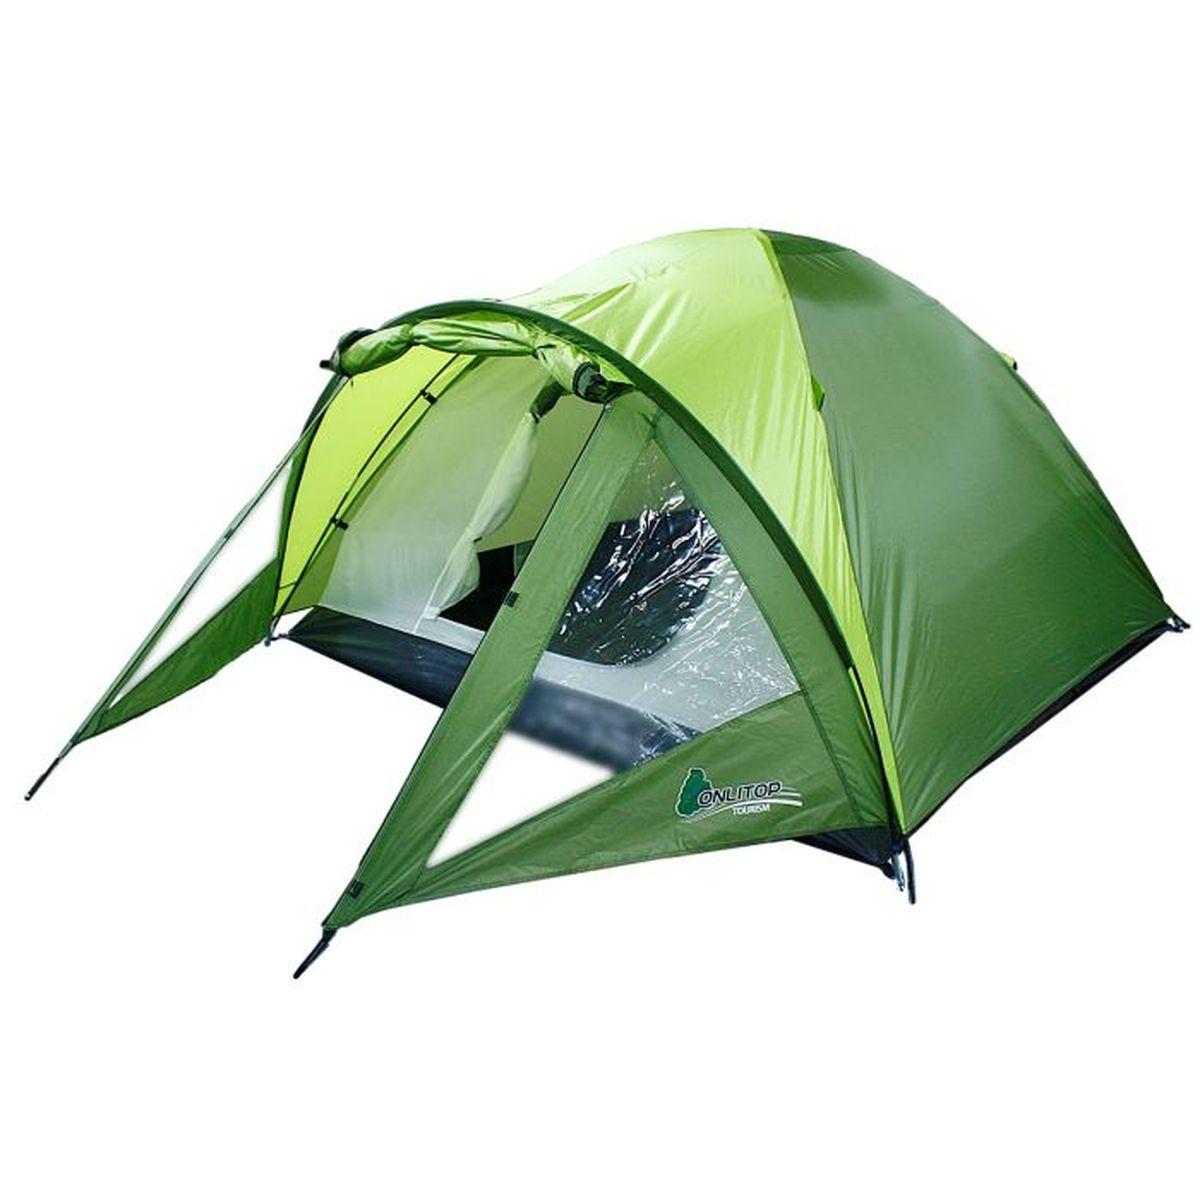 Палатка туристическая Onlitop Jovin, 2-местная, цвет: зеленый